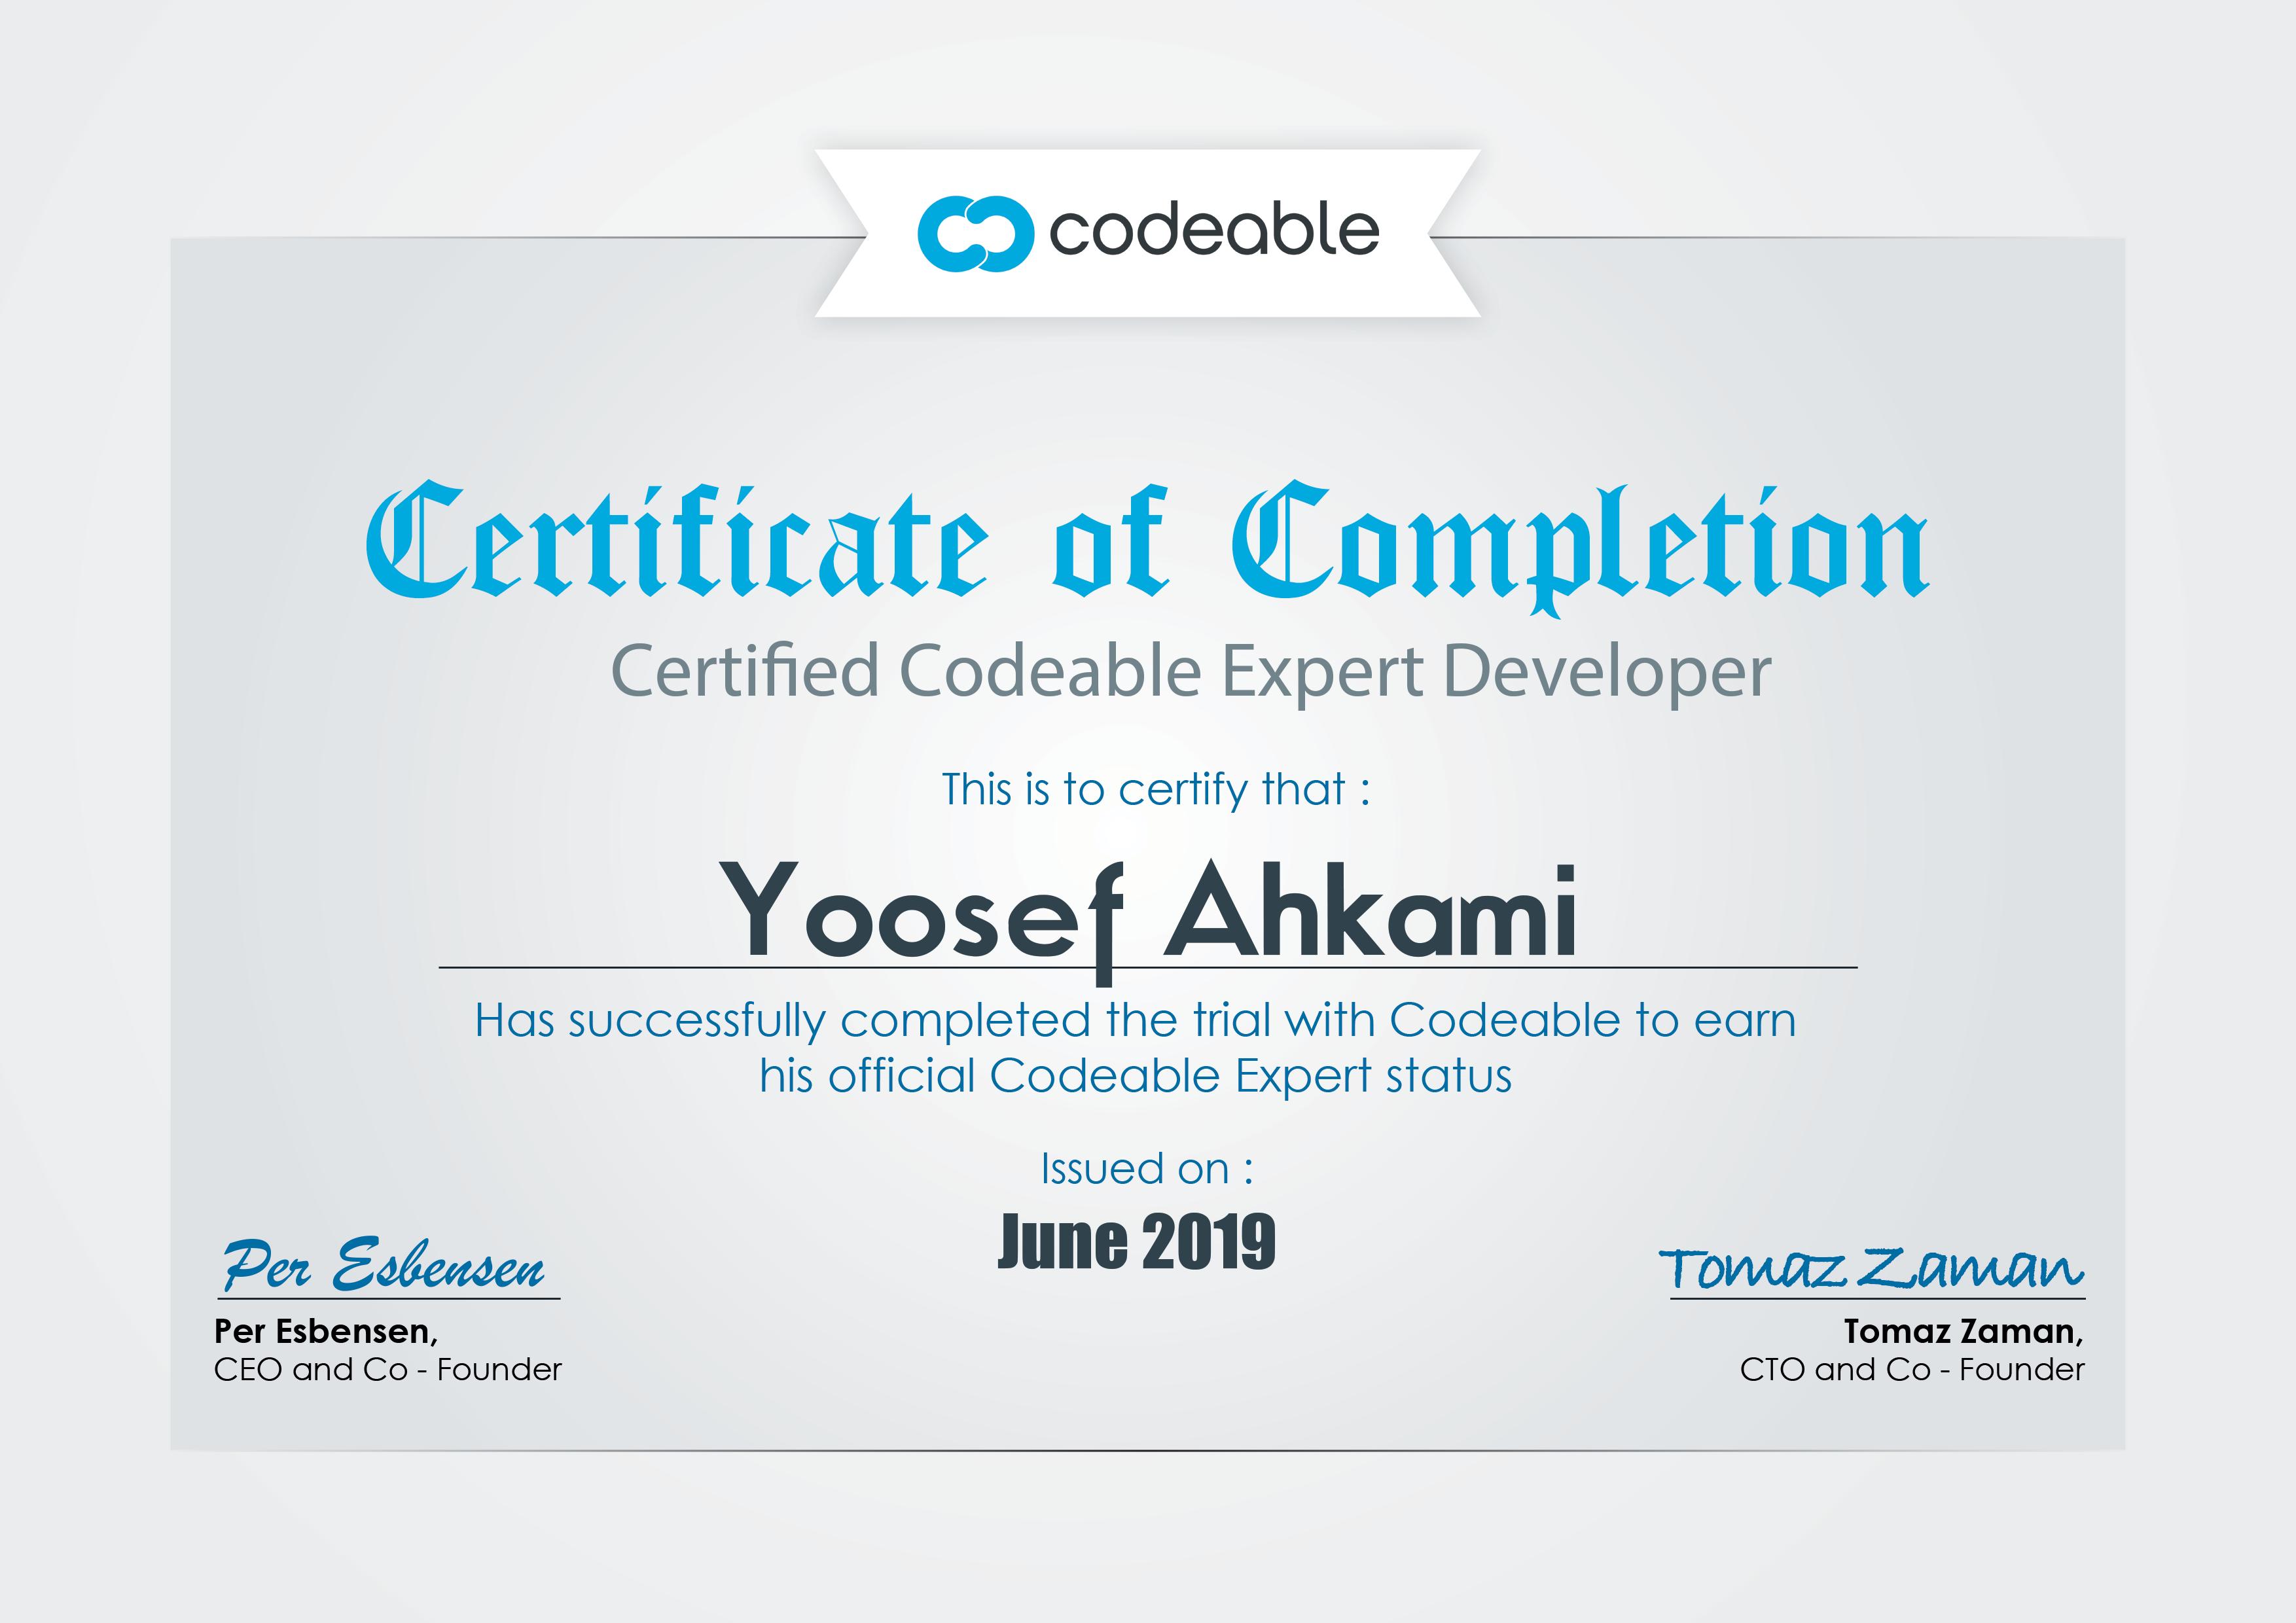 Yoosef Ahkami Codeable Certificate